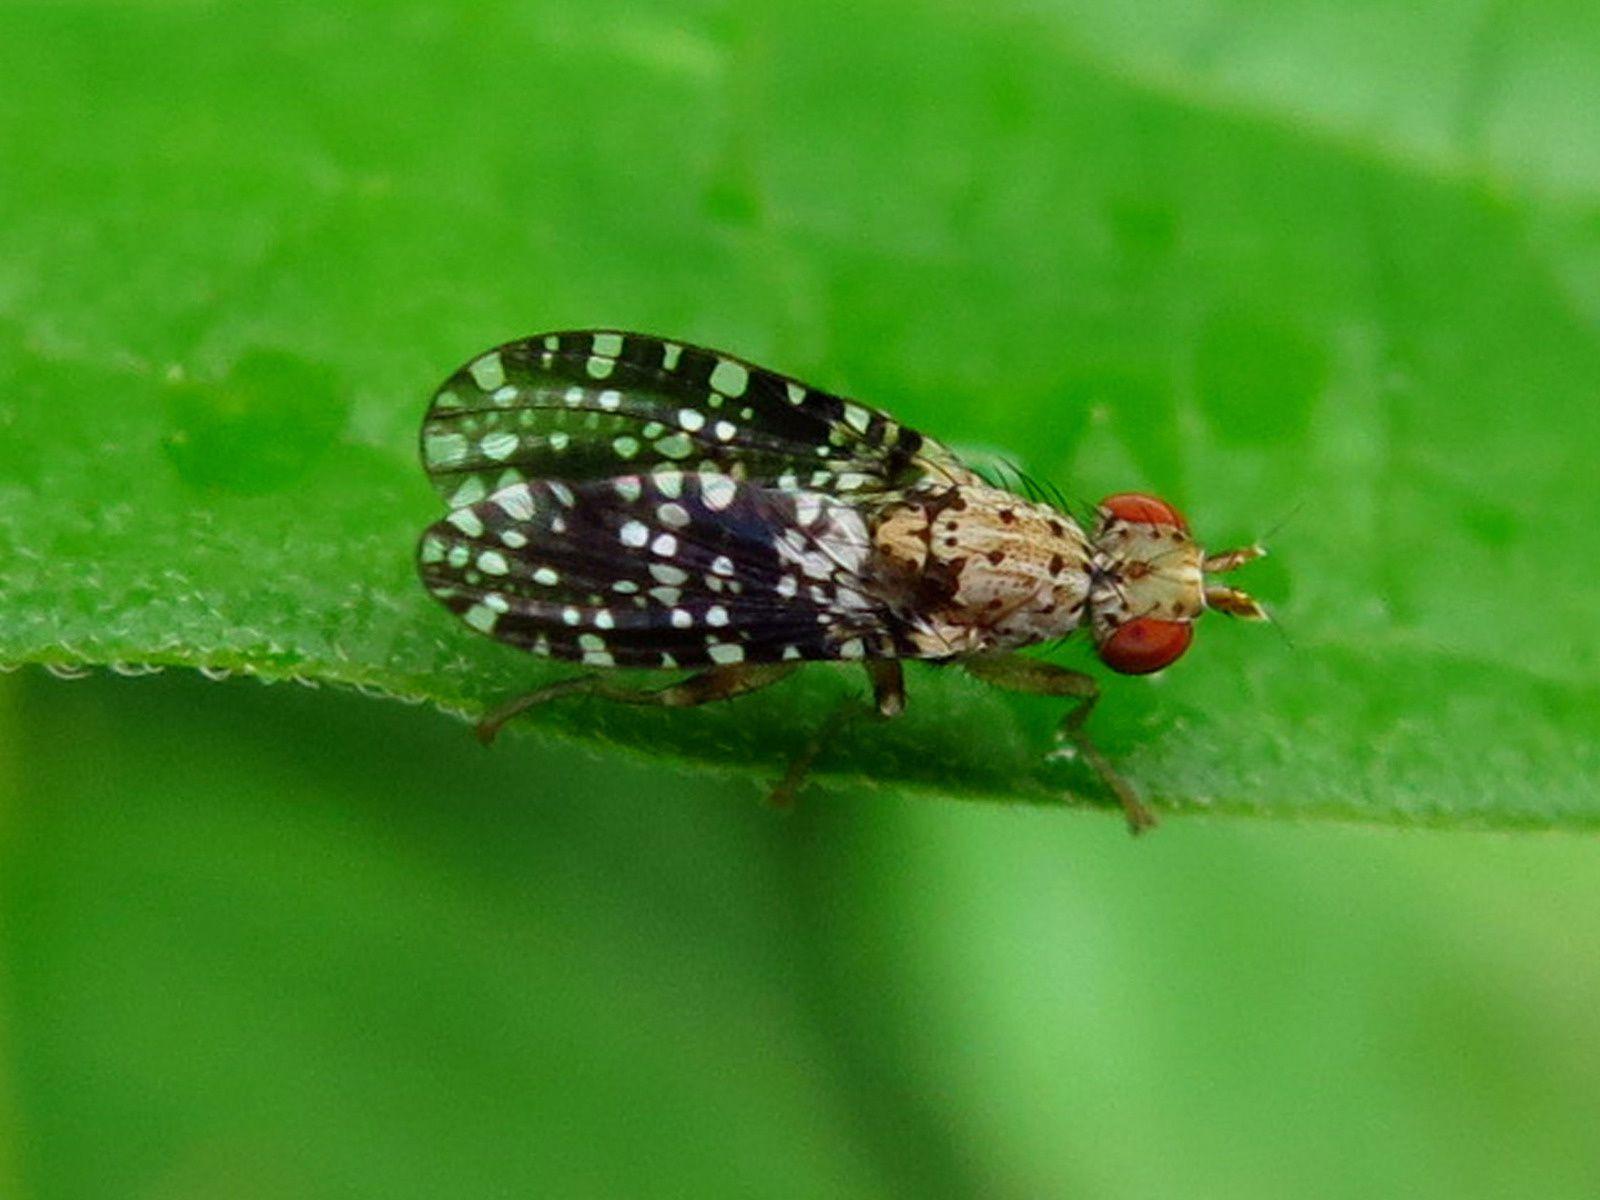 Microlépidoptères,mini mouches et collemboles